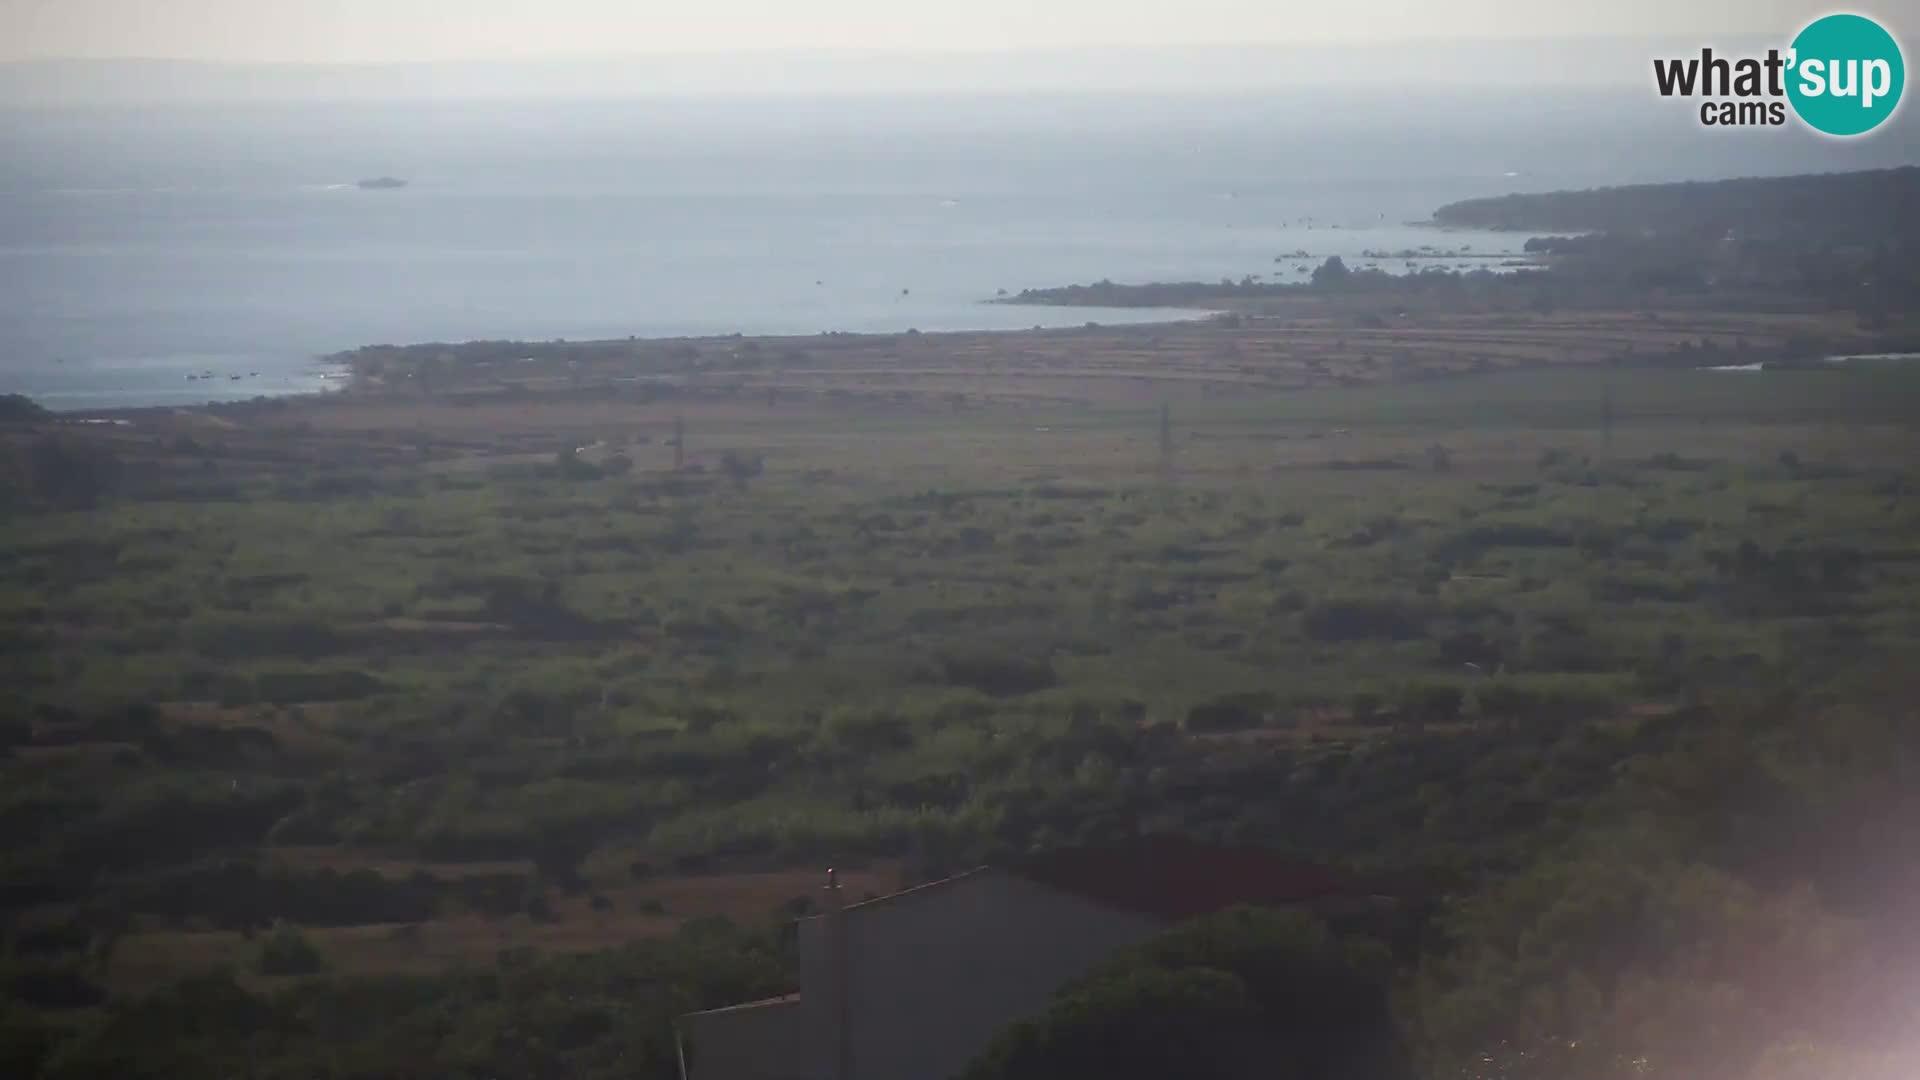 Pogled s Sirarne Gligora na Kolansko polje, blato in ornitološki rezervat